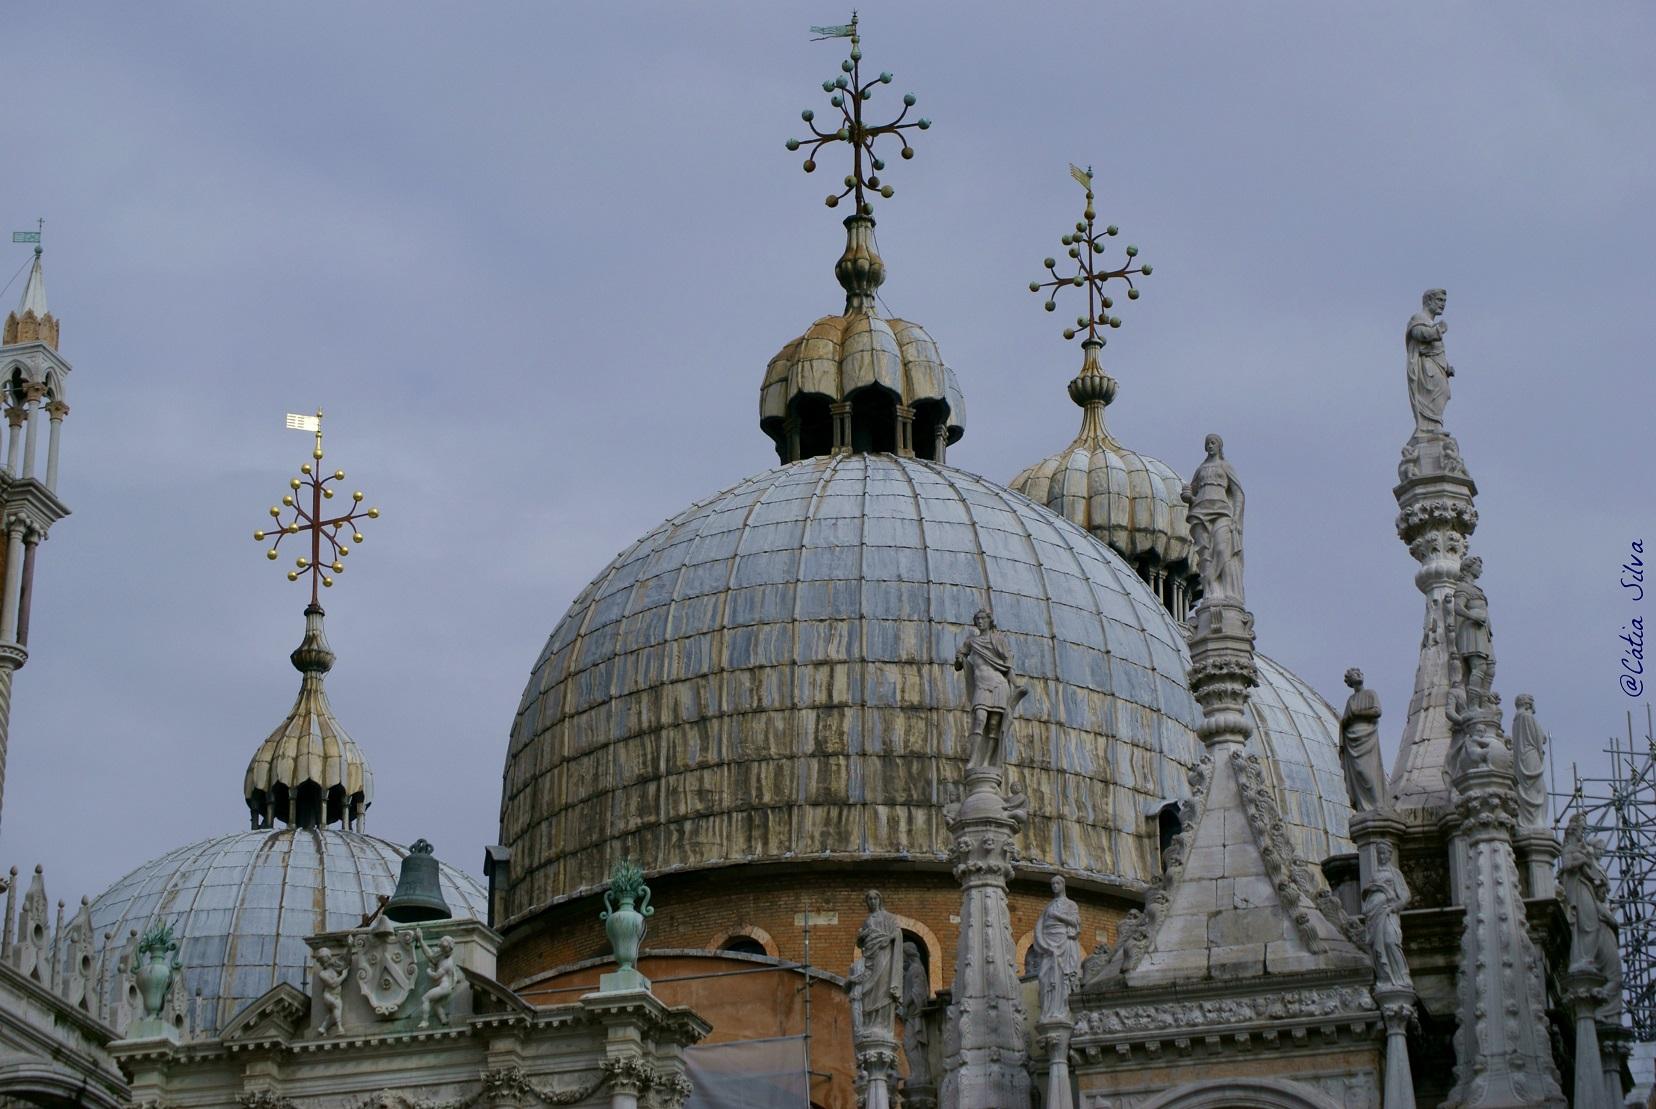 Palacio Ducal - Venecia - Italia (2)